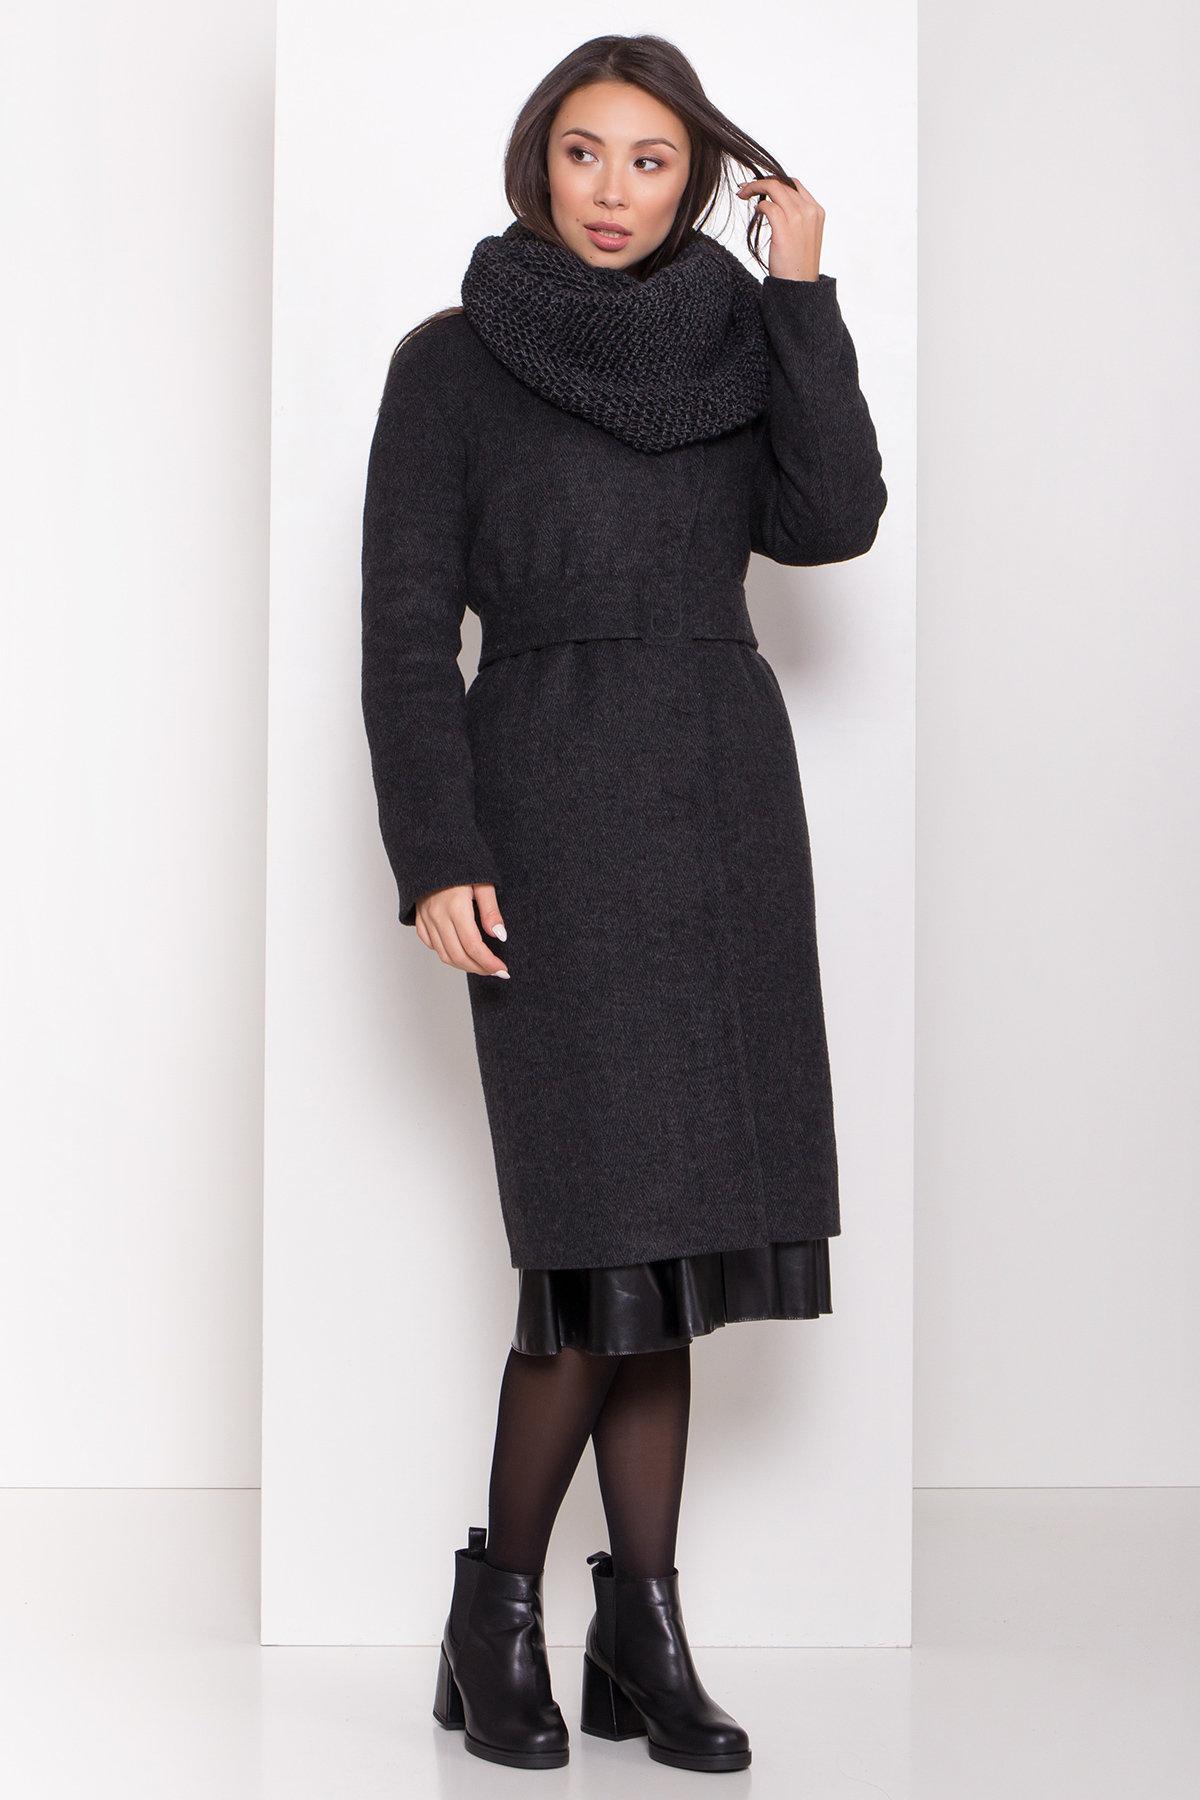 Пальто женское зимнее купить от Modus Зимнее пальто полуприталенного кроя Севен 8262